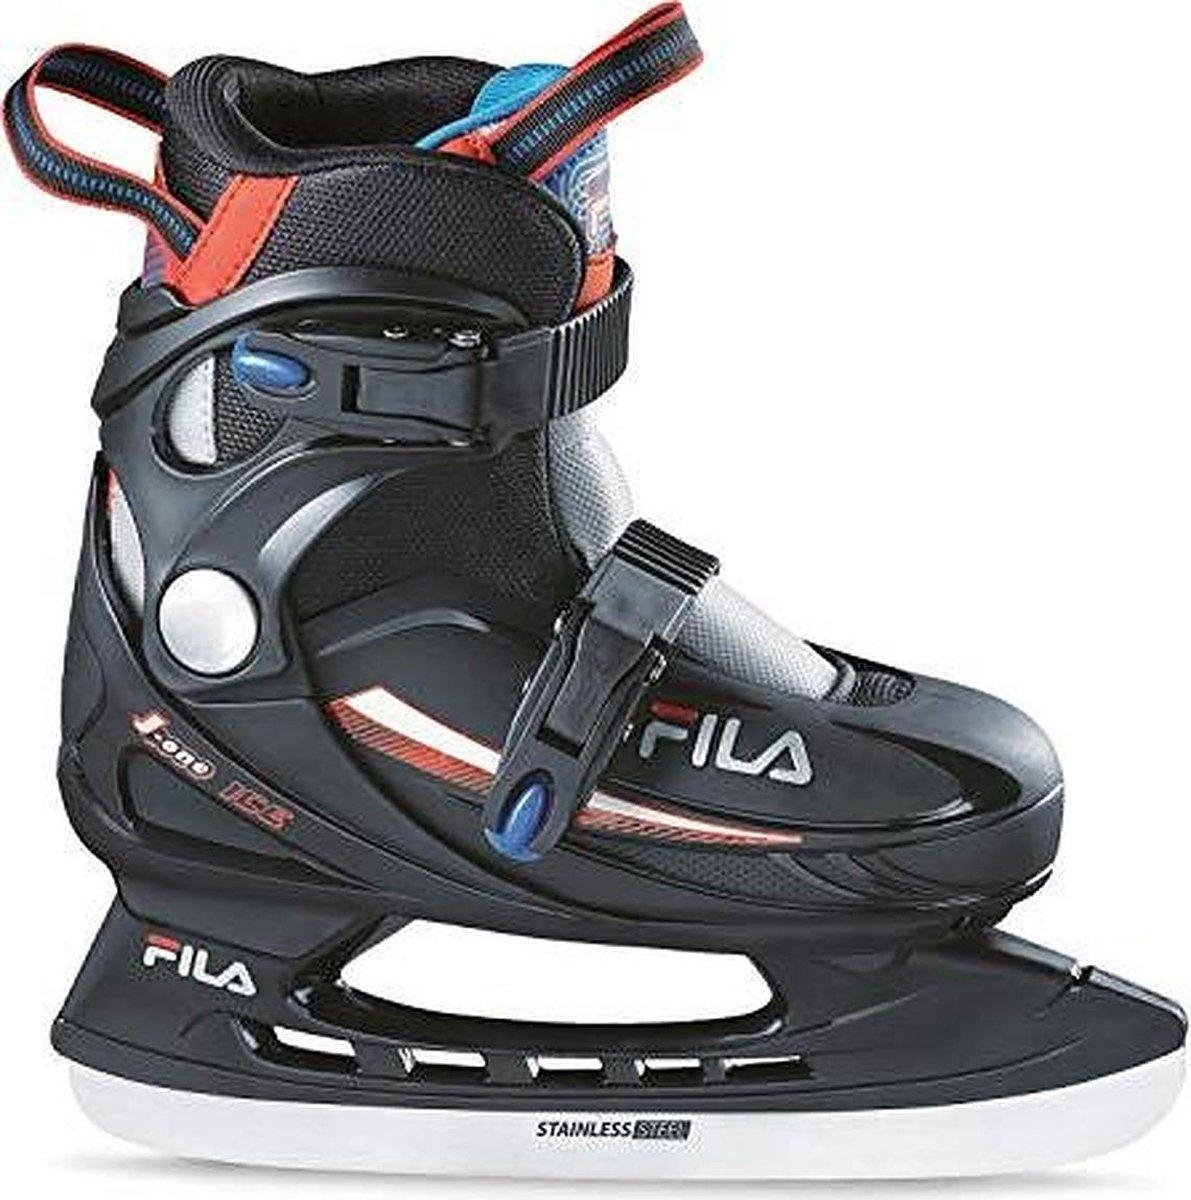 Fila - J-One Ice Boy HR - Schaatsen voor kinderen - Maat 26-30 - Blauw - Verstelbare ijshockeyschaatsen